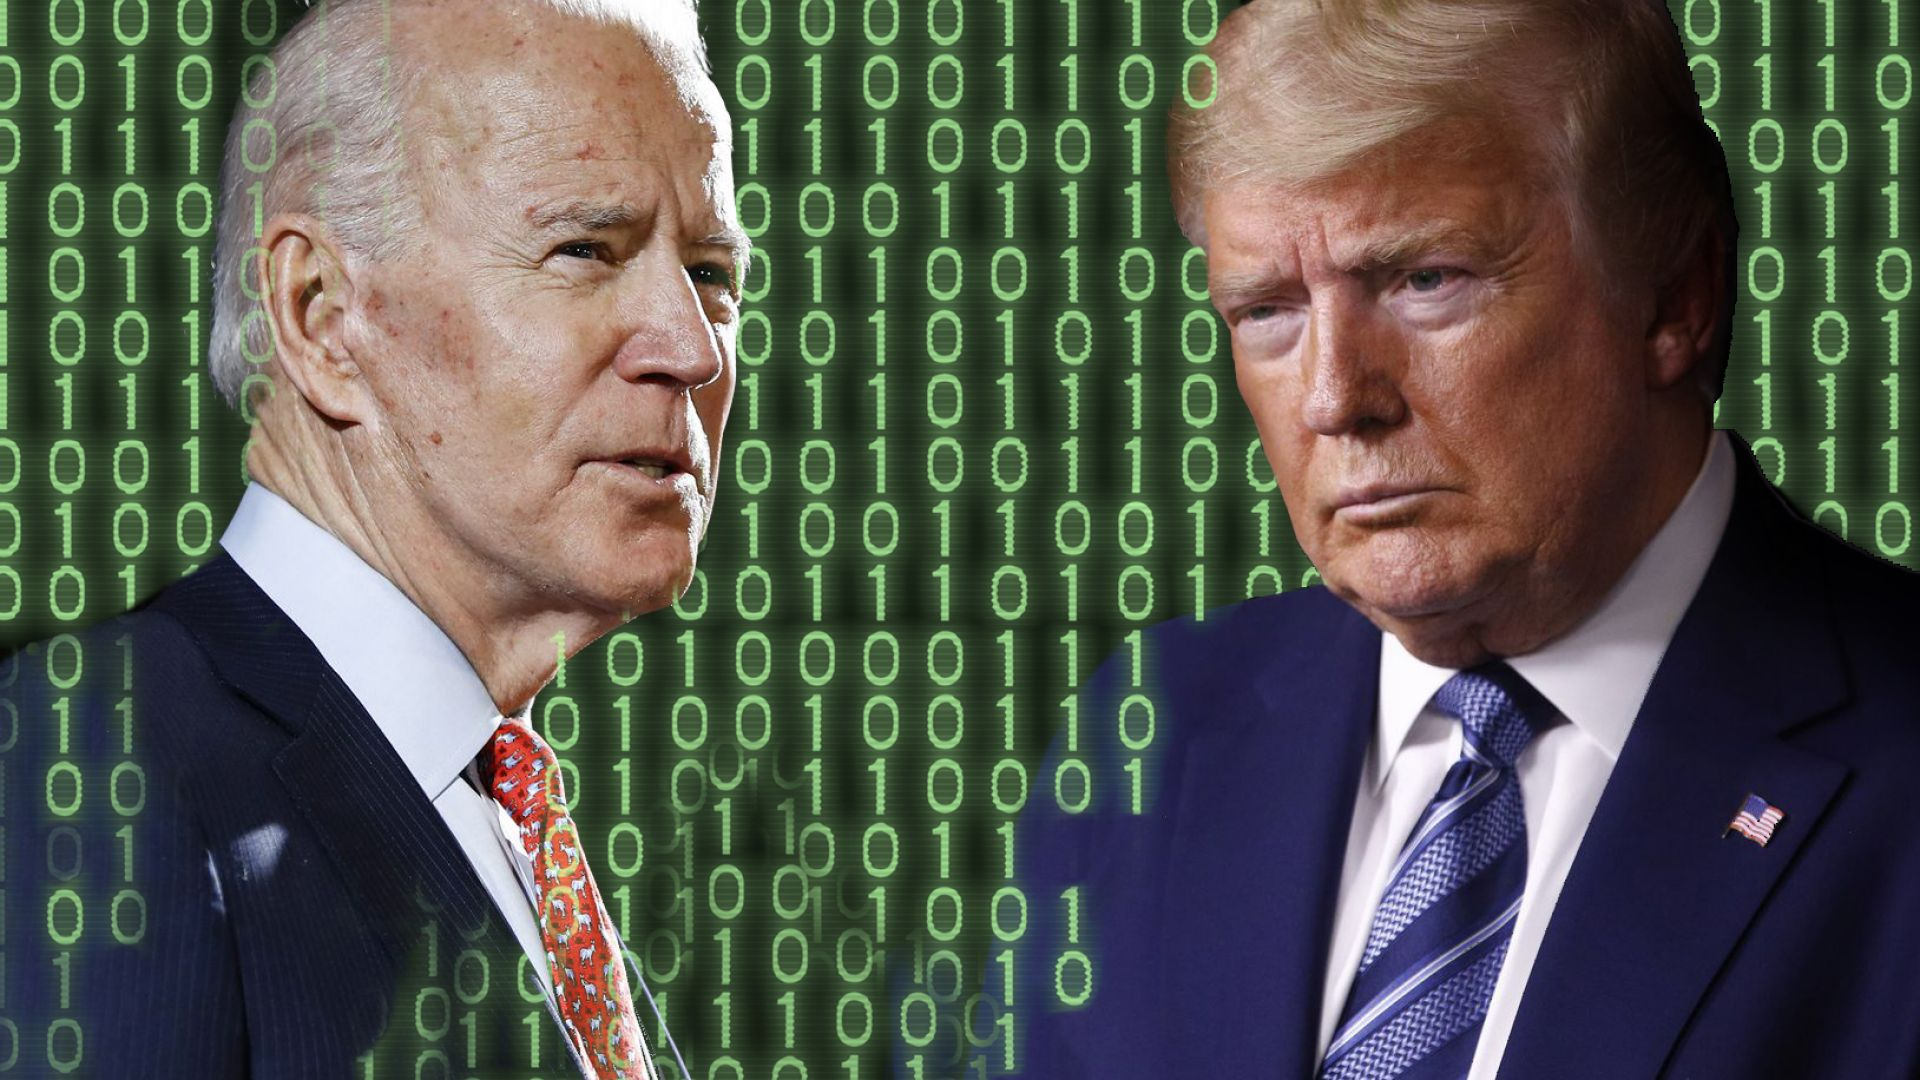 Кибератака срещу кандидатите за президент на САЩ, Google подозира Иран и Китай